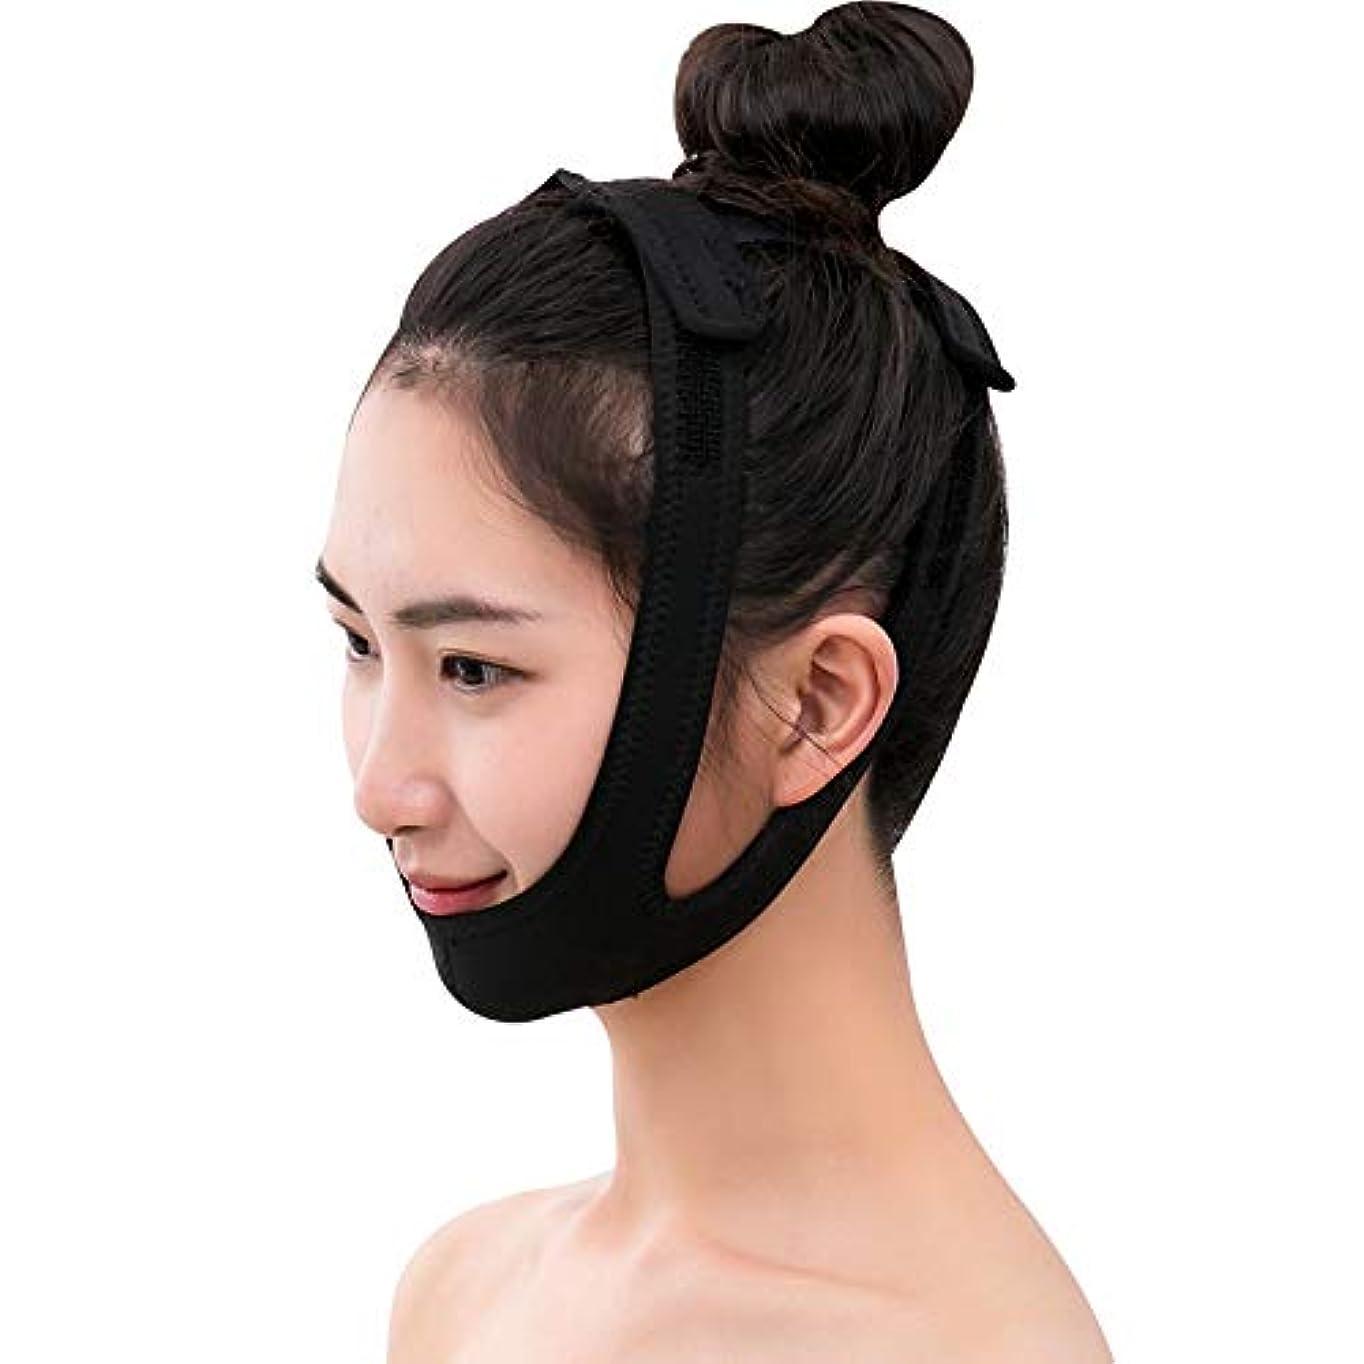 刺しますオッズ腐ったフェイスリフティング包帯、Vフェイス睡眠フェイスマスク、整形と持ち上げ、ダブルチンストラップ